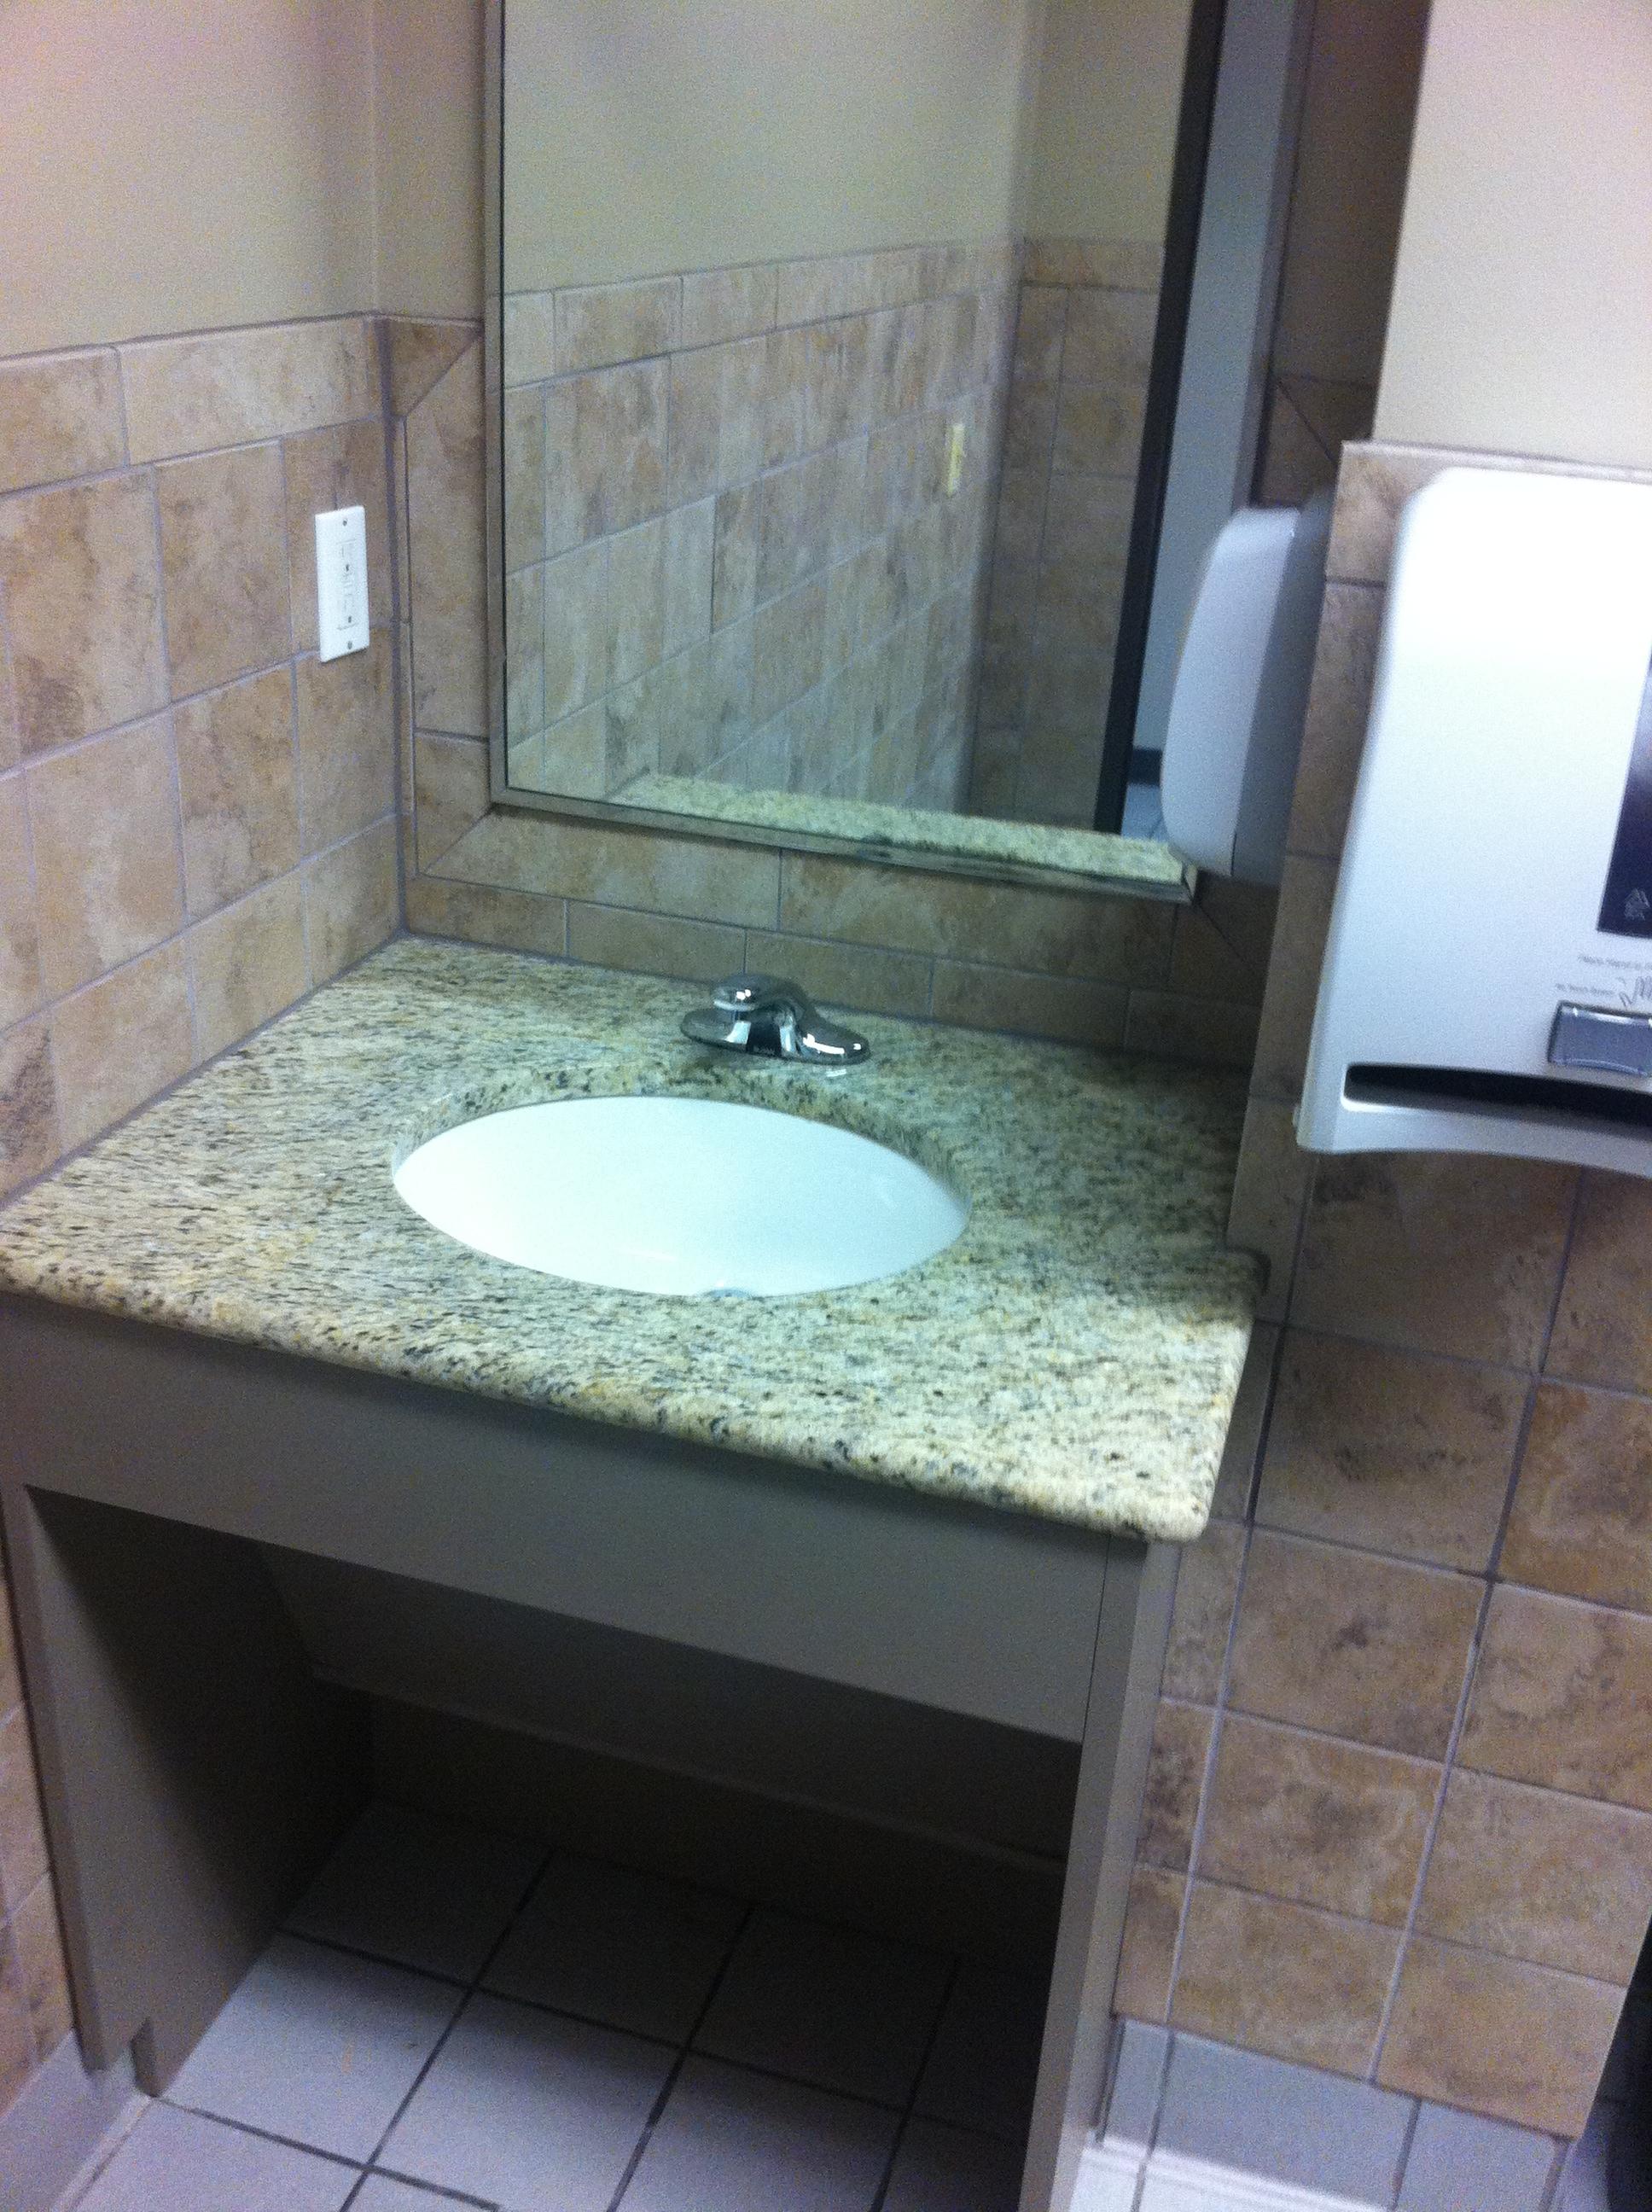 Handicap accessible designs